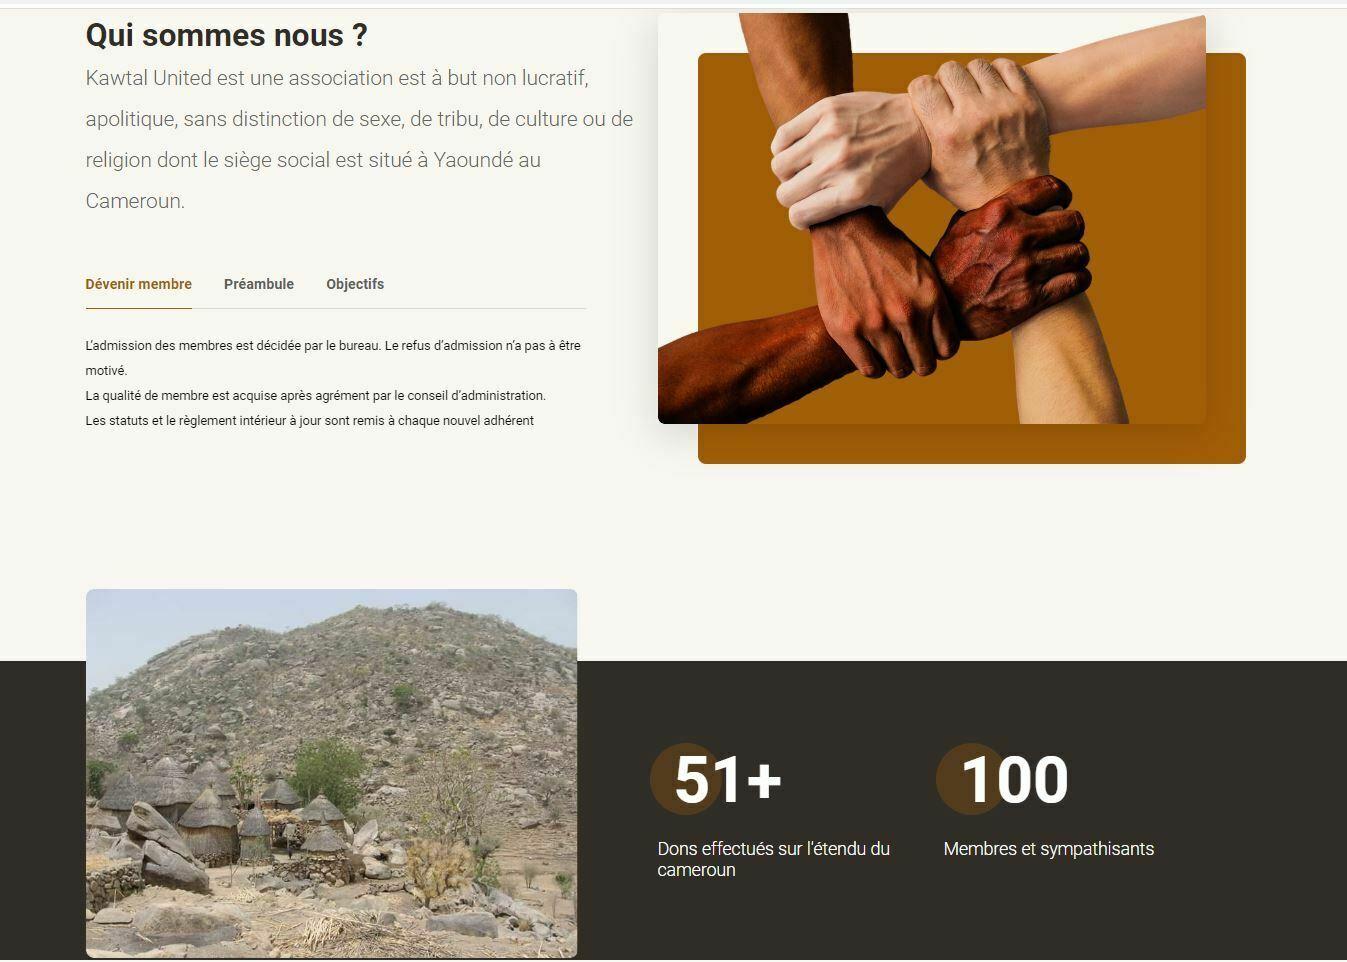 Creation de site internet fondation secours effectué par Didacweb